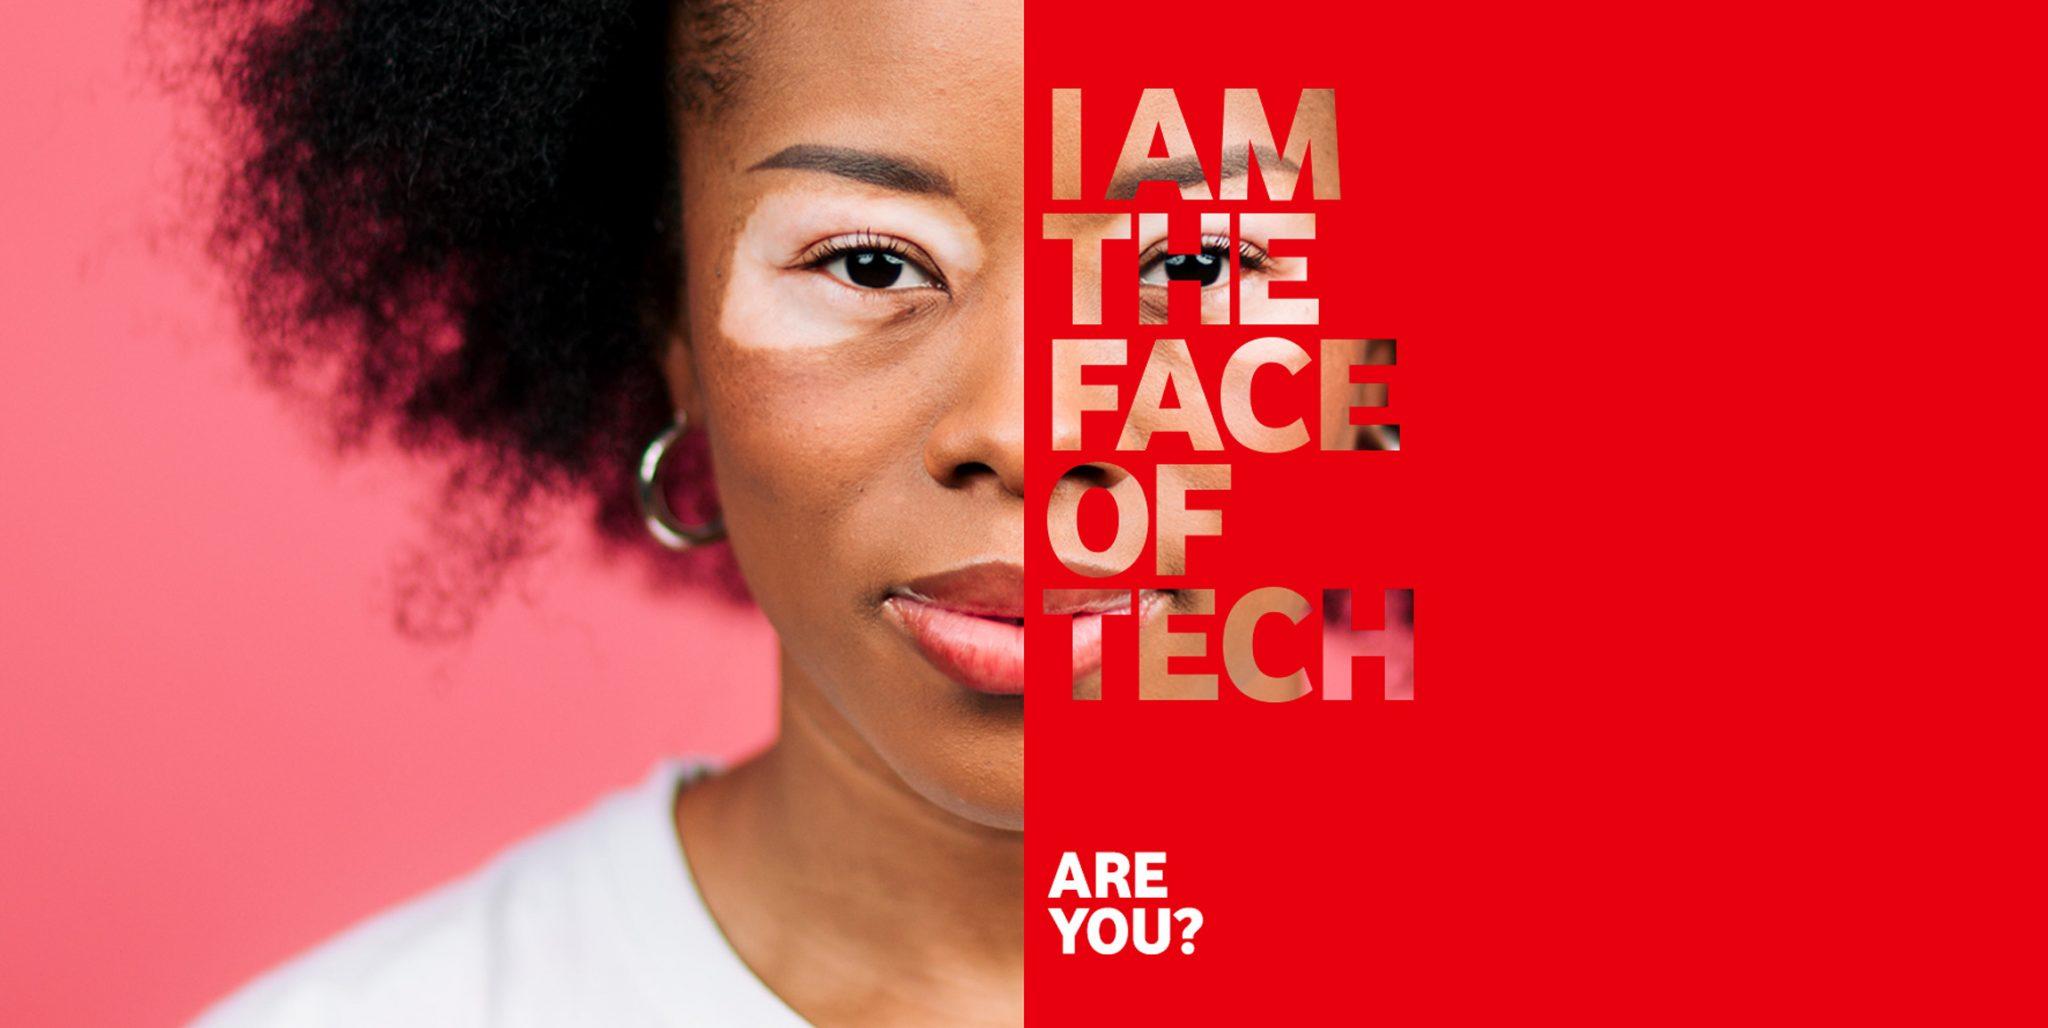 Vodafone lancia l'iniziativa #ChangeTheFace per promuovere l'uguaglianza thumbnail